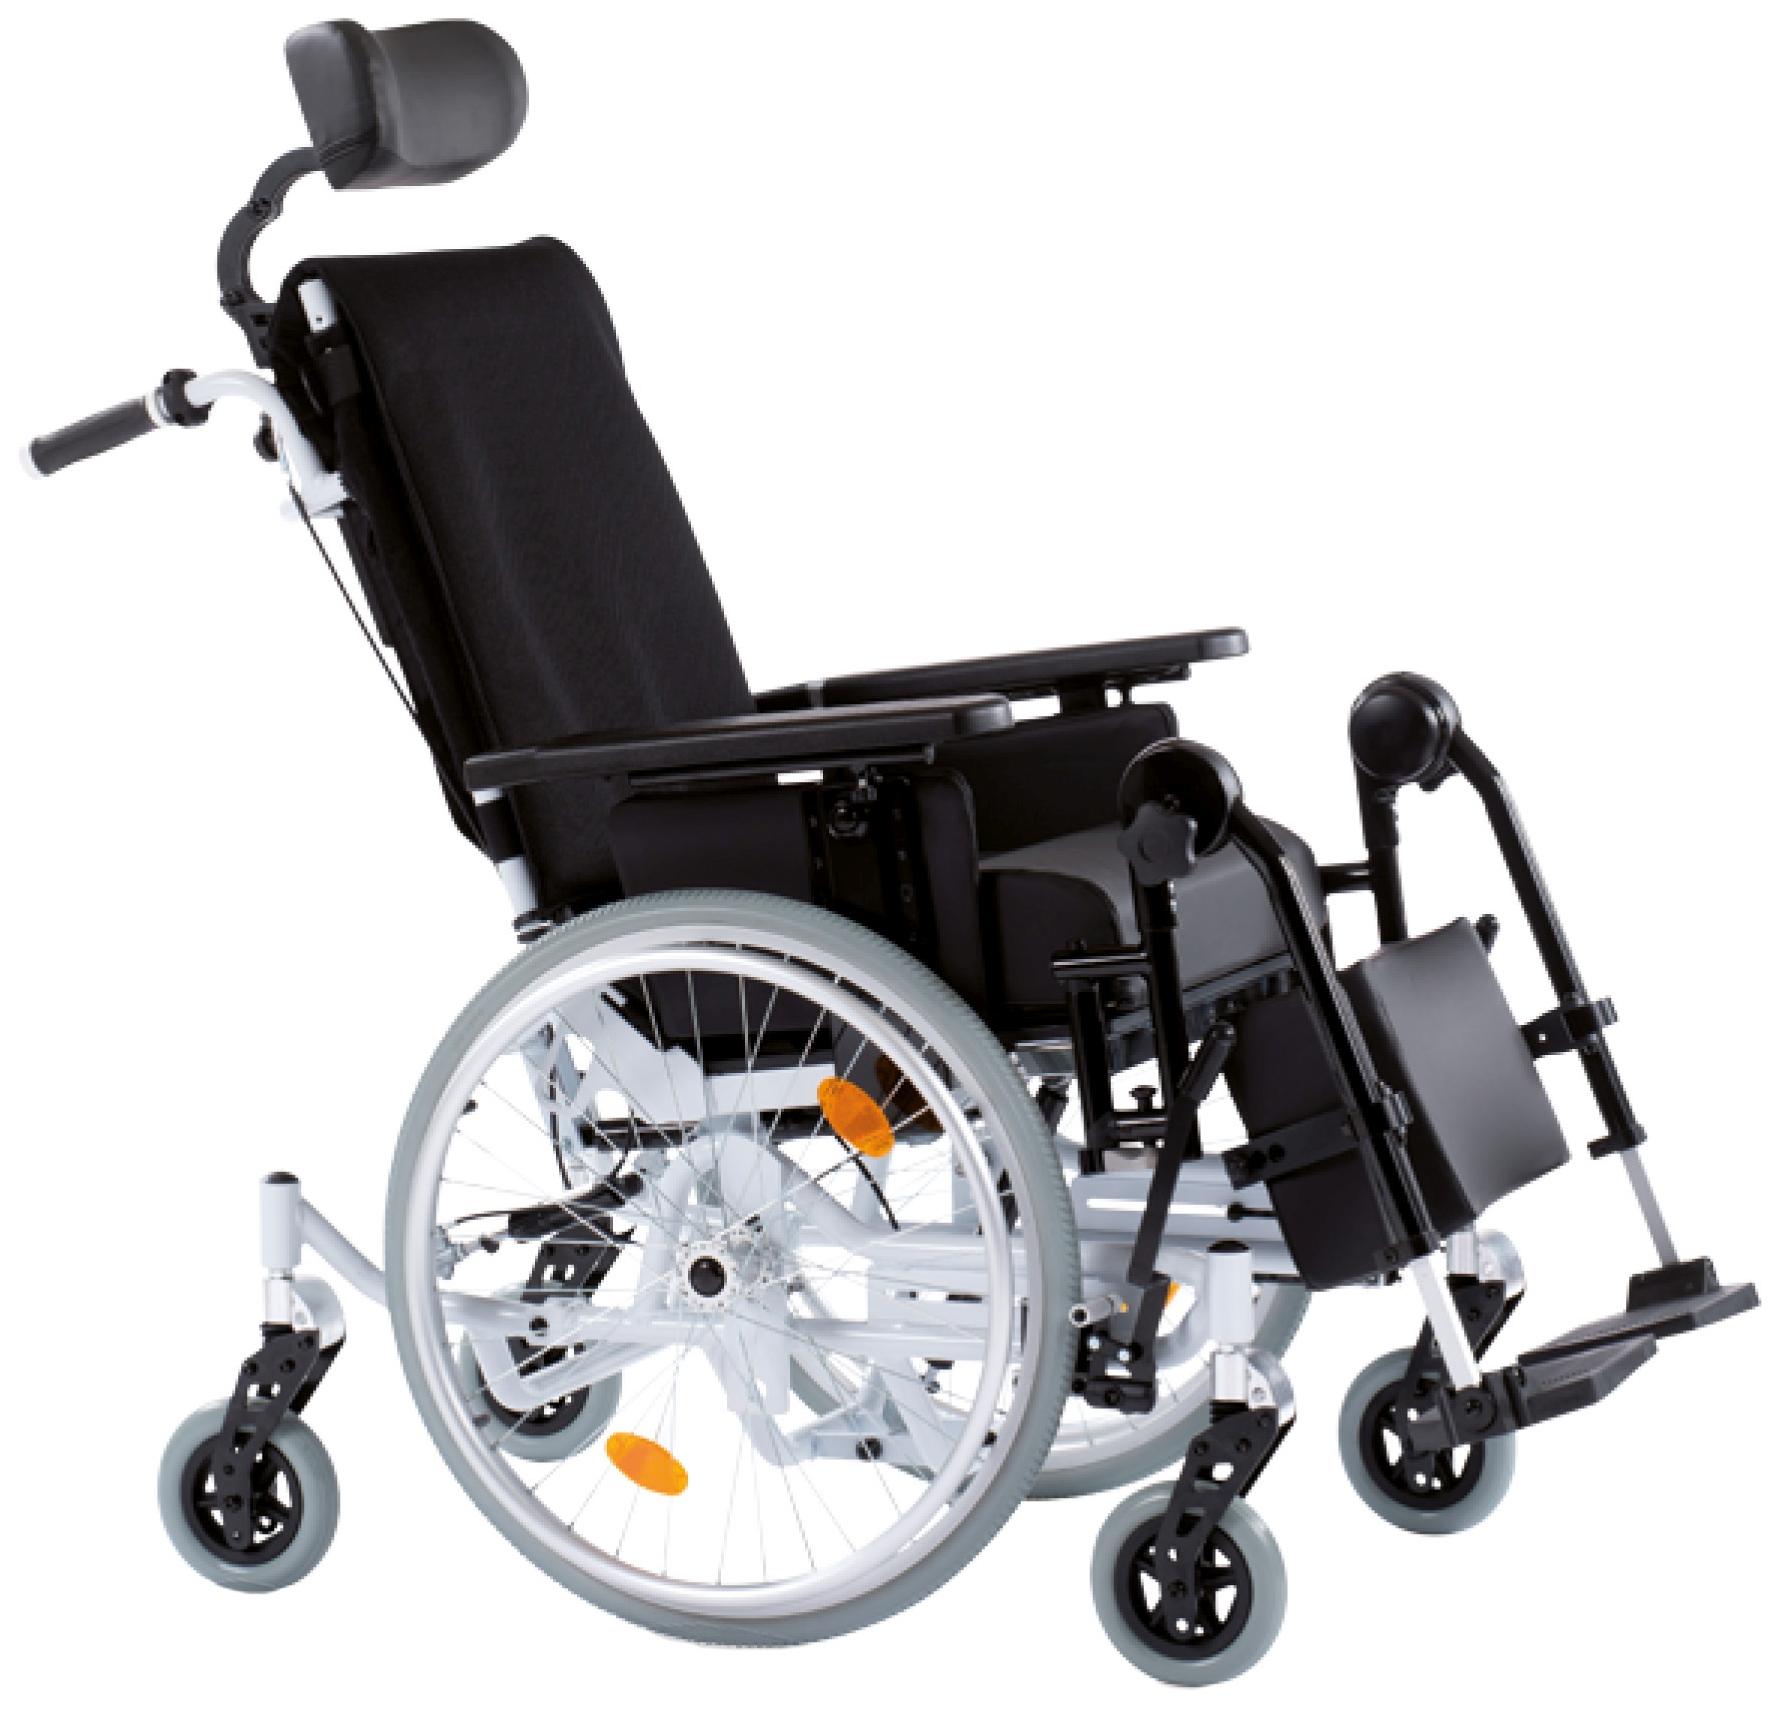 fabricant de mat riel m dical fauteuils roulants si ges de positionnement. Black Bedroom Furniture Sets. Home Design Ideas